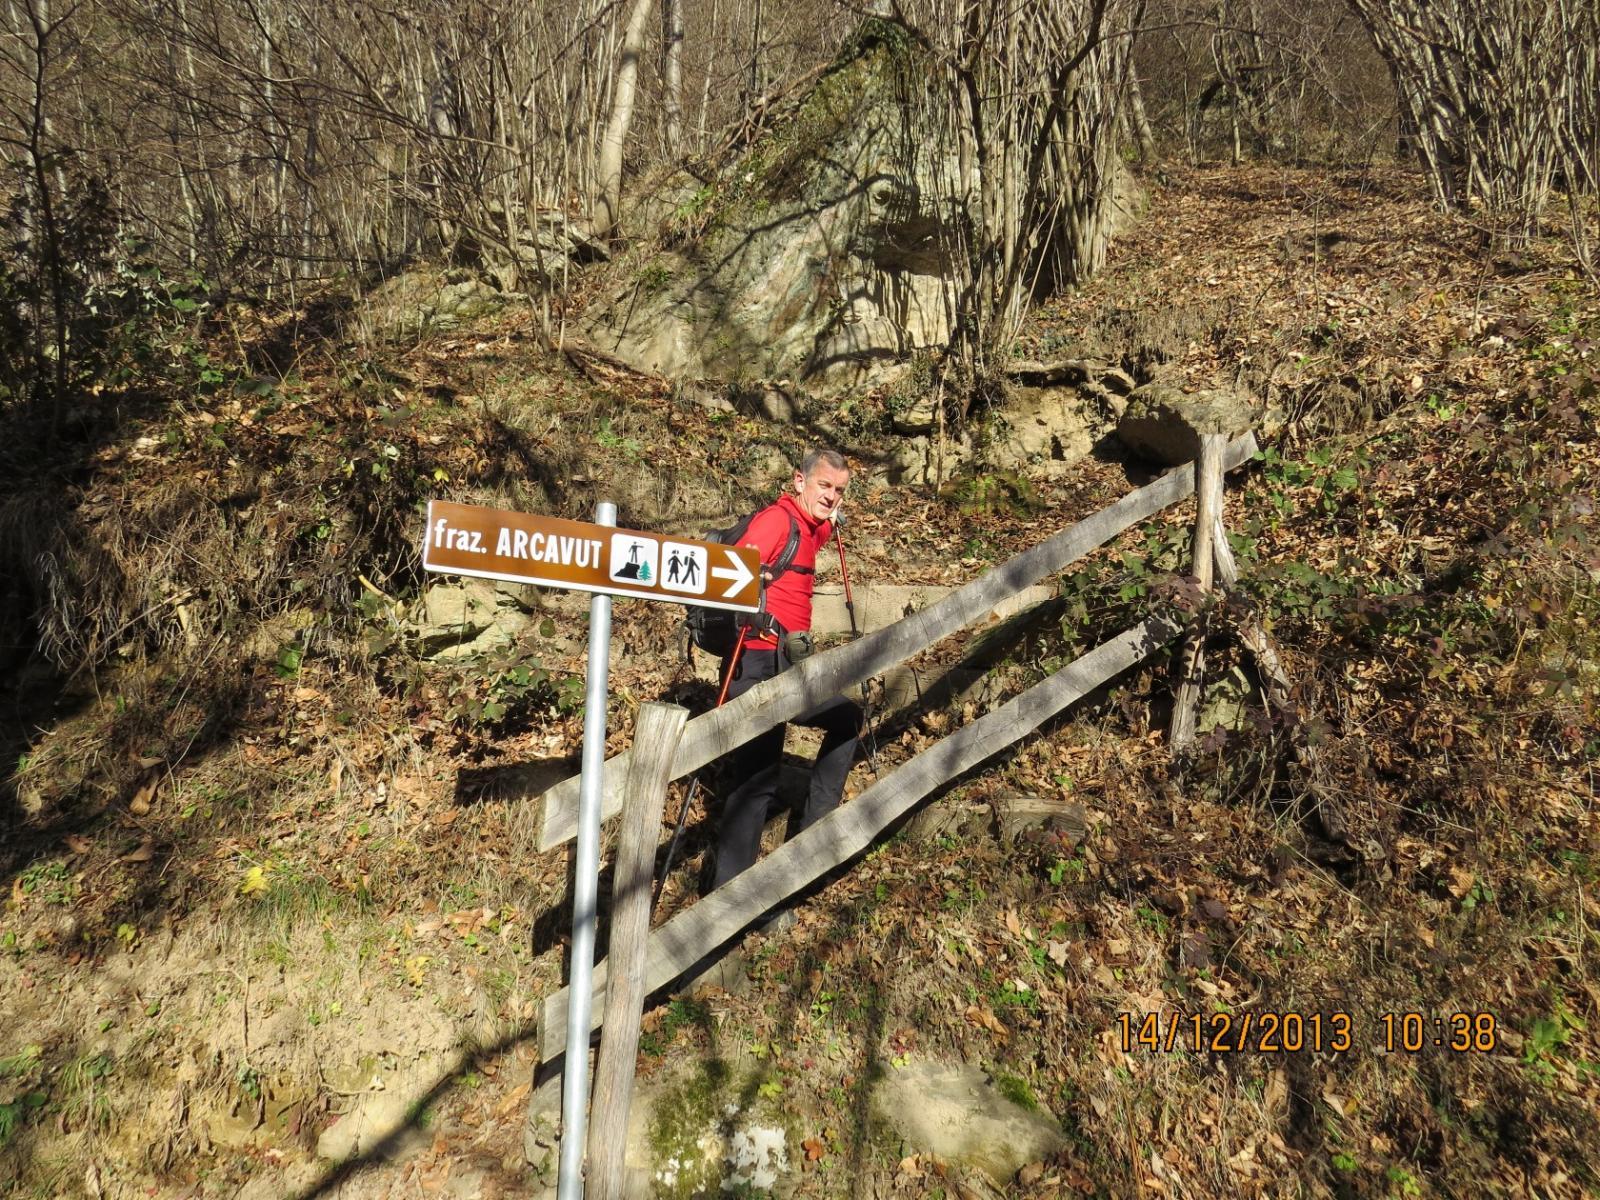 Grande indicazione...per piccolo sentiero che sale all'Arcavut